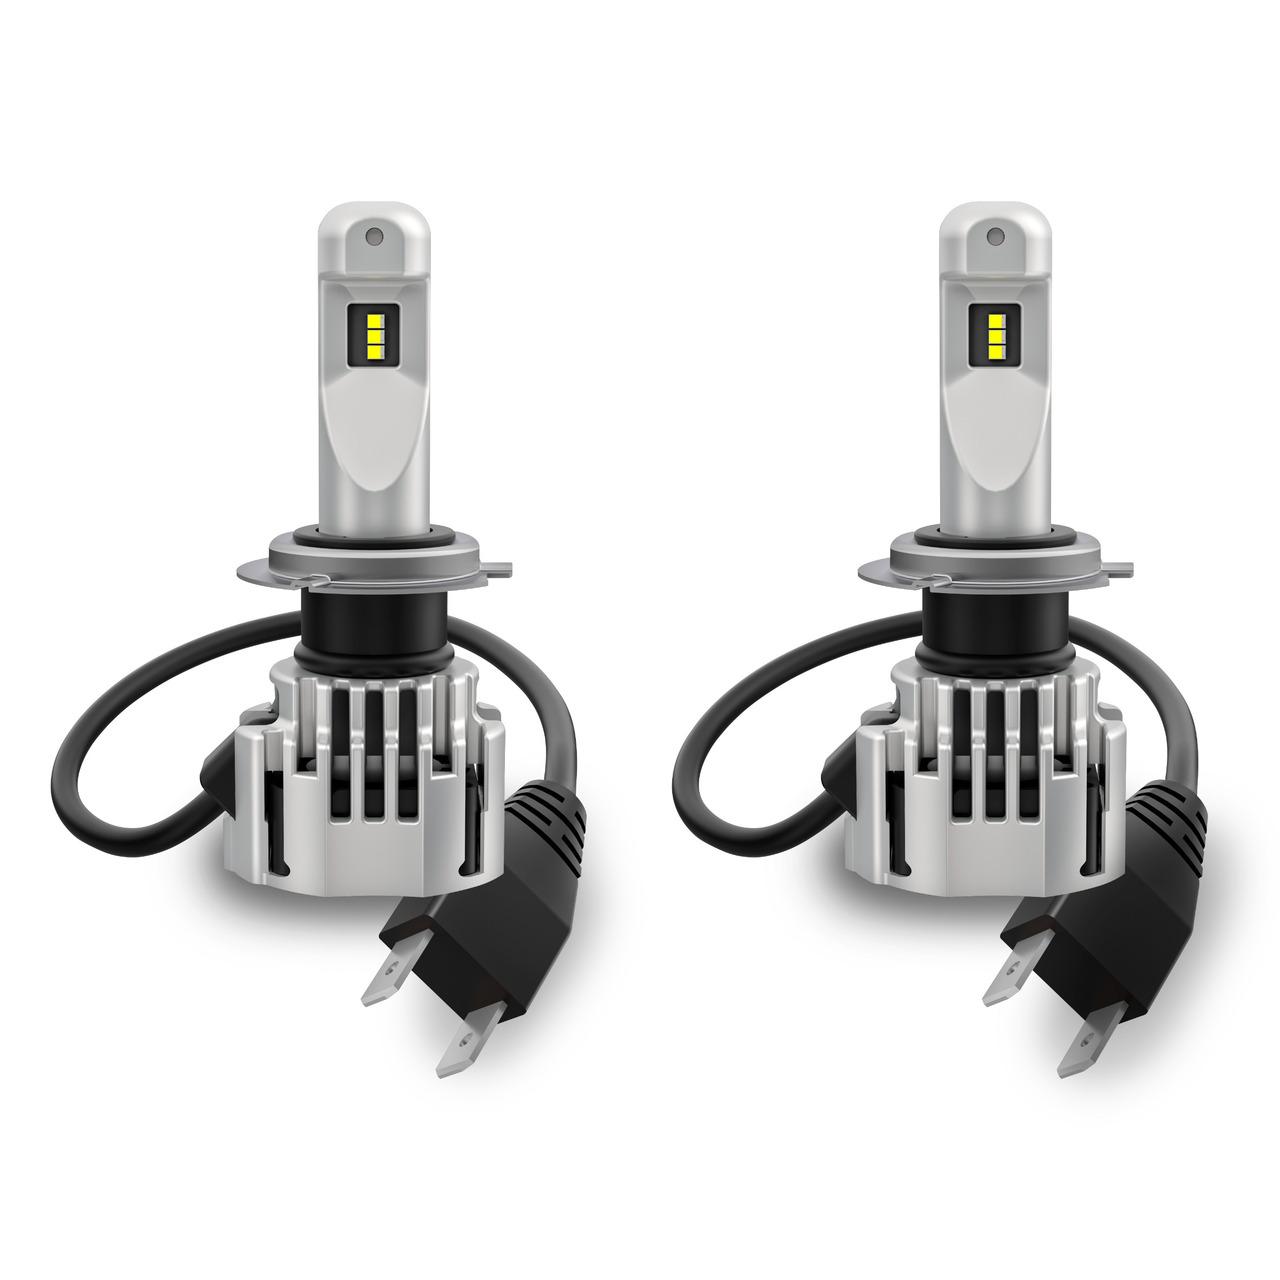 OSRAM H7-Kfz-LED-Nachrüstlampe NIGHT BREAKER(R) LED- 6000 K- mit StVZO-Zulassung